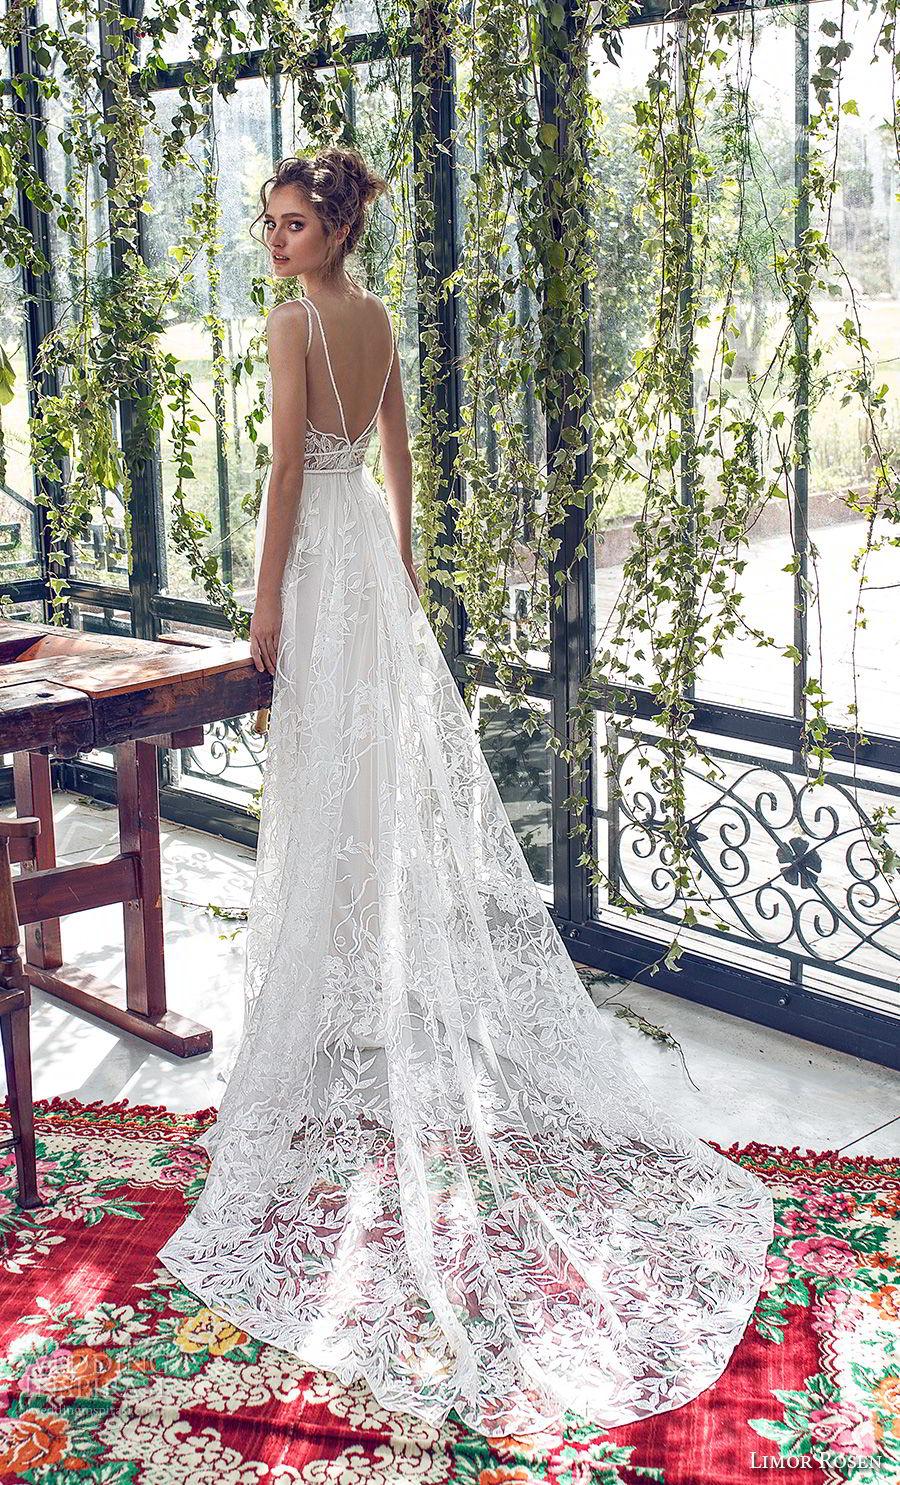 limor rosen 2019 xo bridal sleeveless with strap deep v neck full embellishment romantic soft a  line wedding dress open back chapel train (4) bv